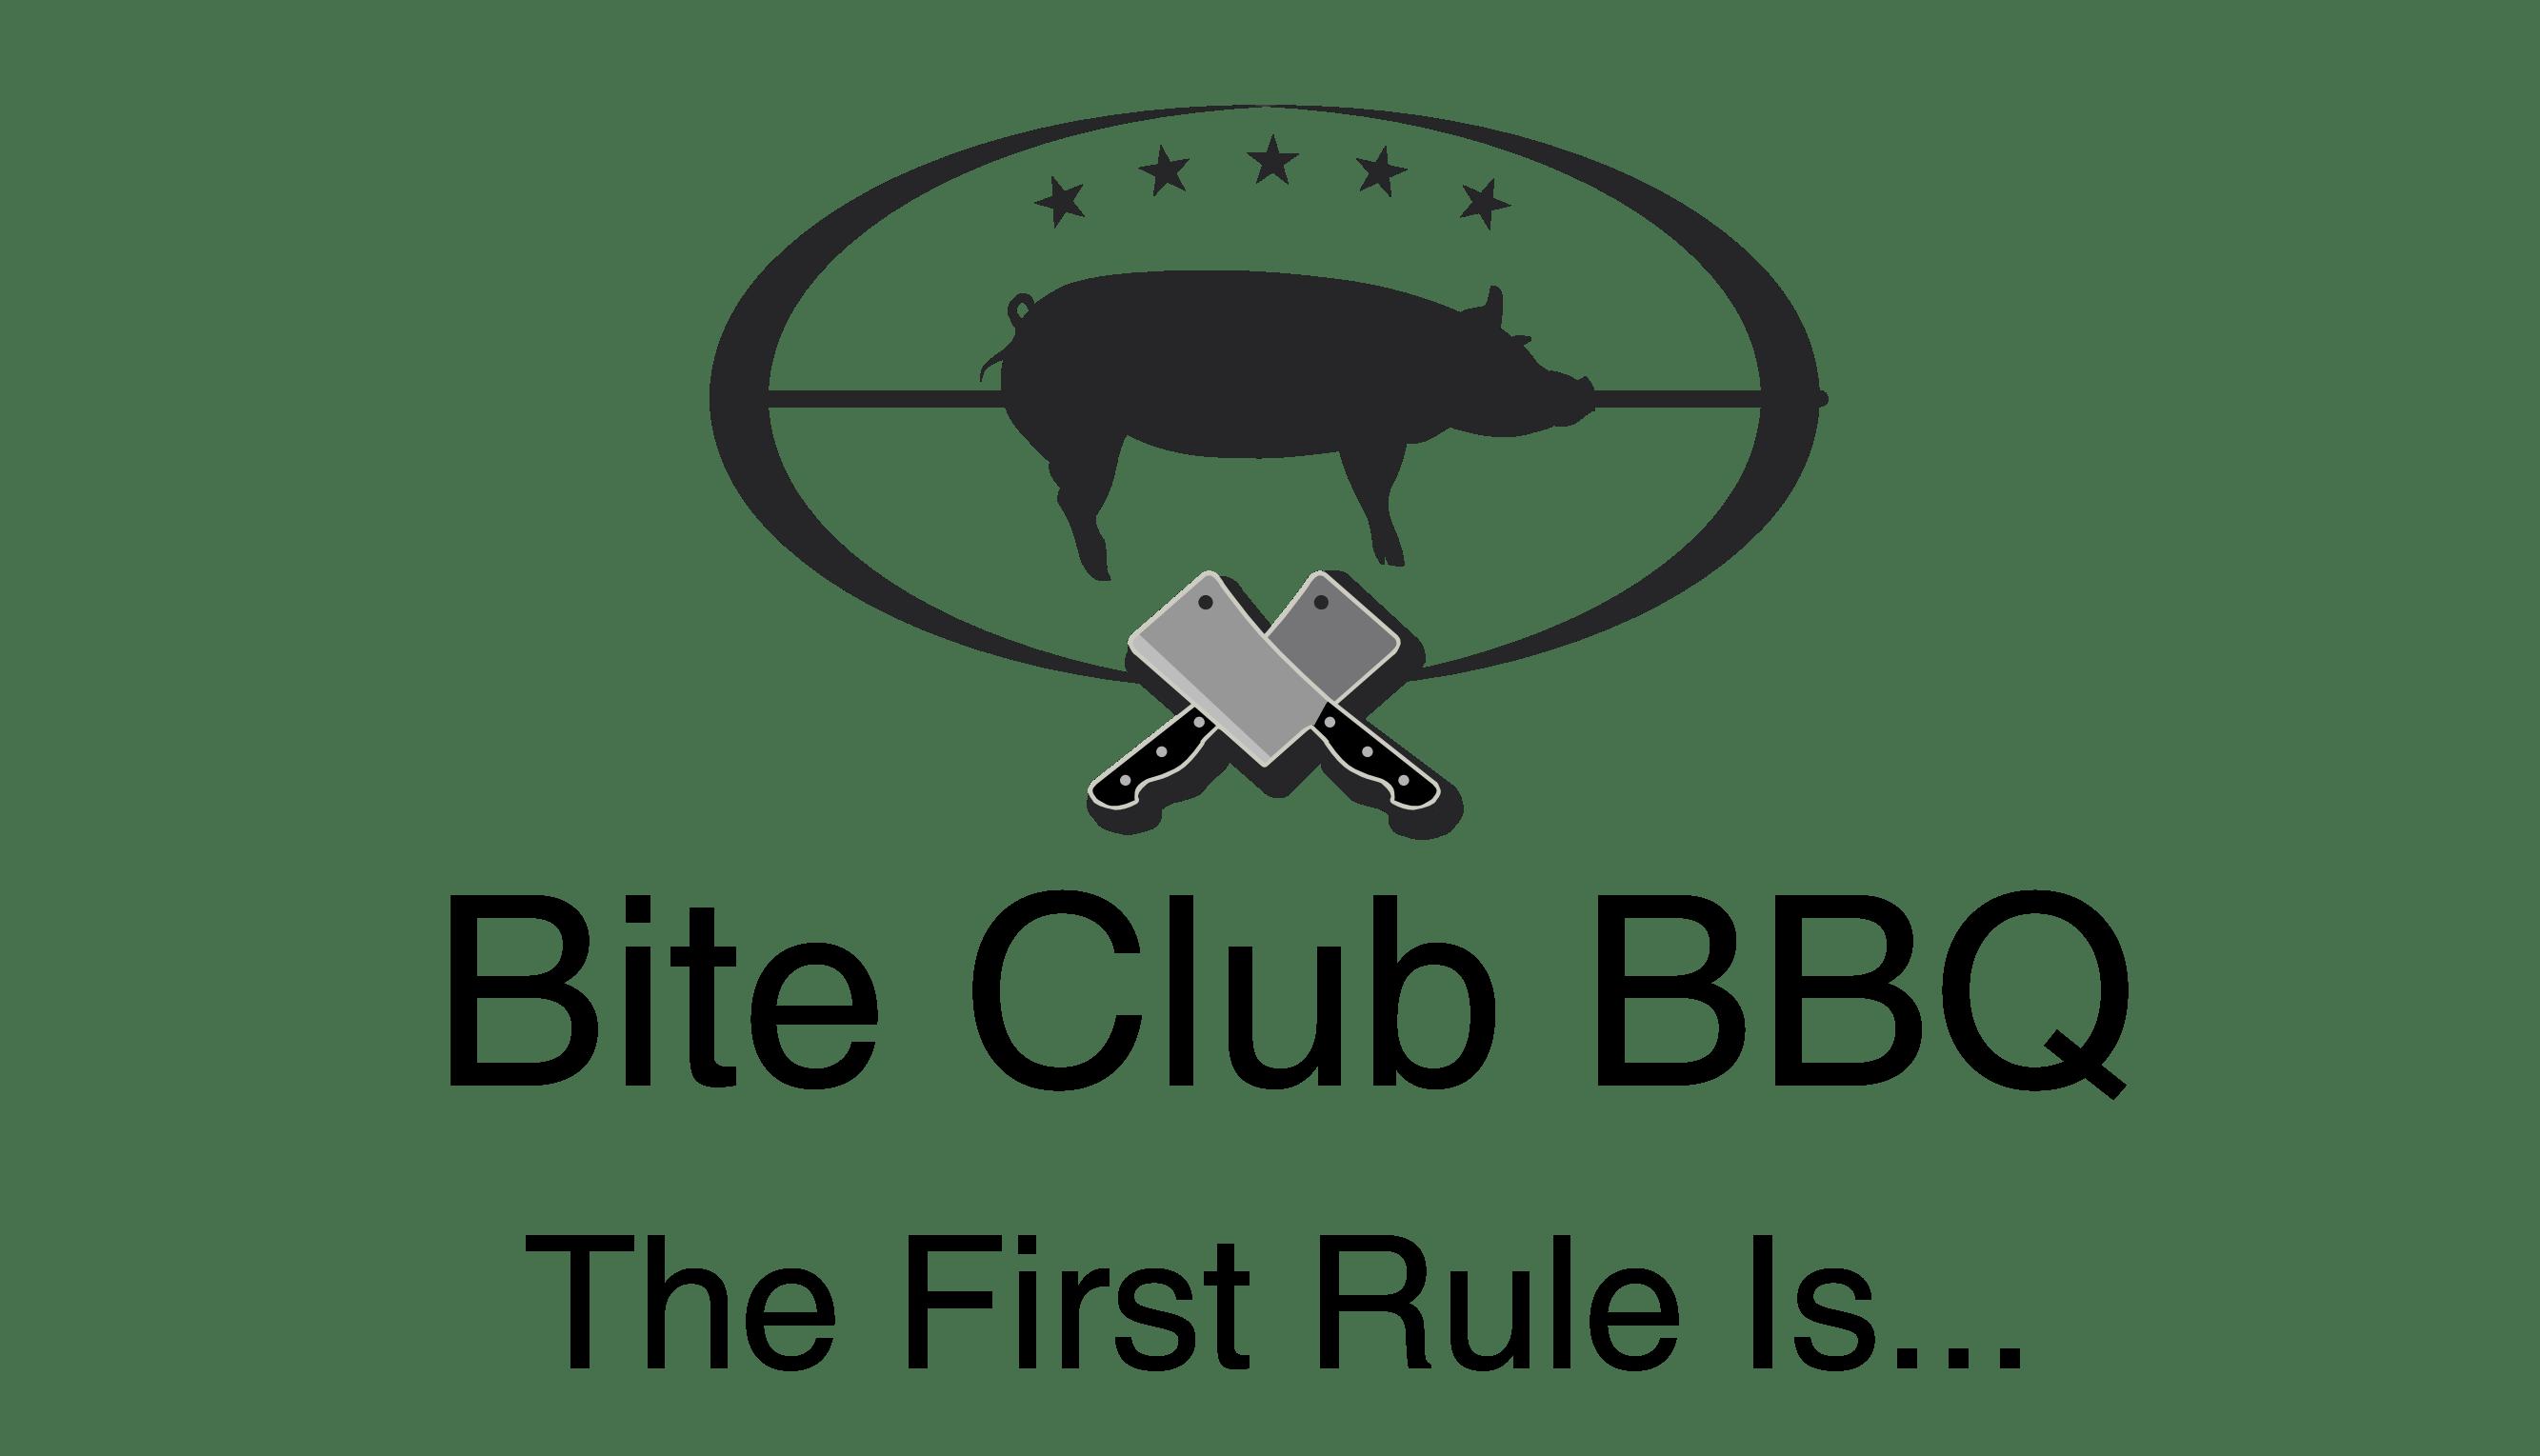 Bite Club BBQ